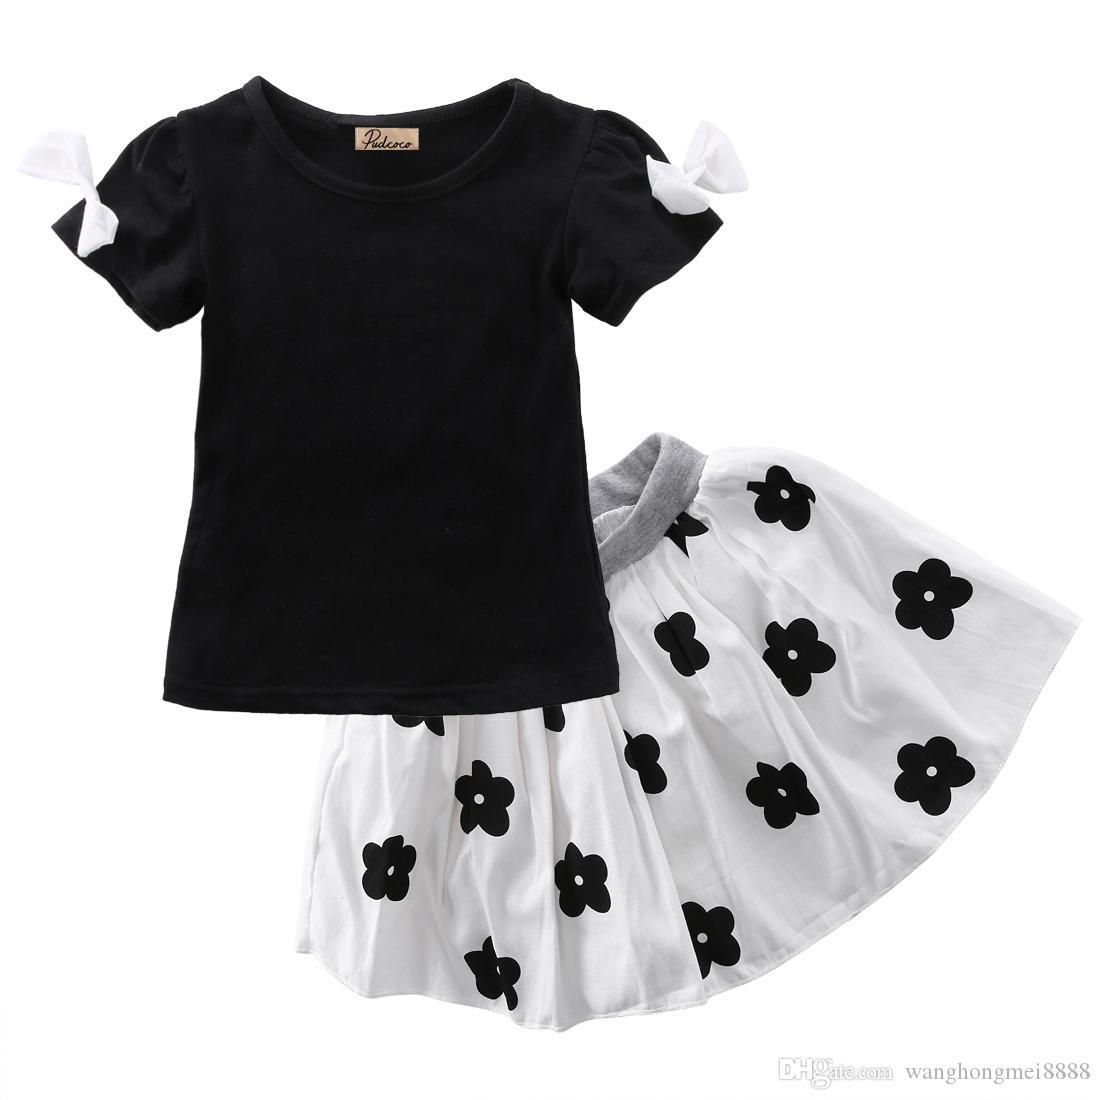 طفل الفتيات الملابس مجموعة طفل أطفال قصيرة الأكمام bowknot t-shirt أعلى الأزهار توتو تنورة الأميرة الزي ملابس الصيف 2 قطع 1-6 طن